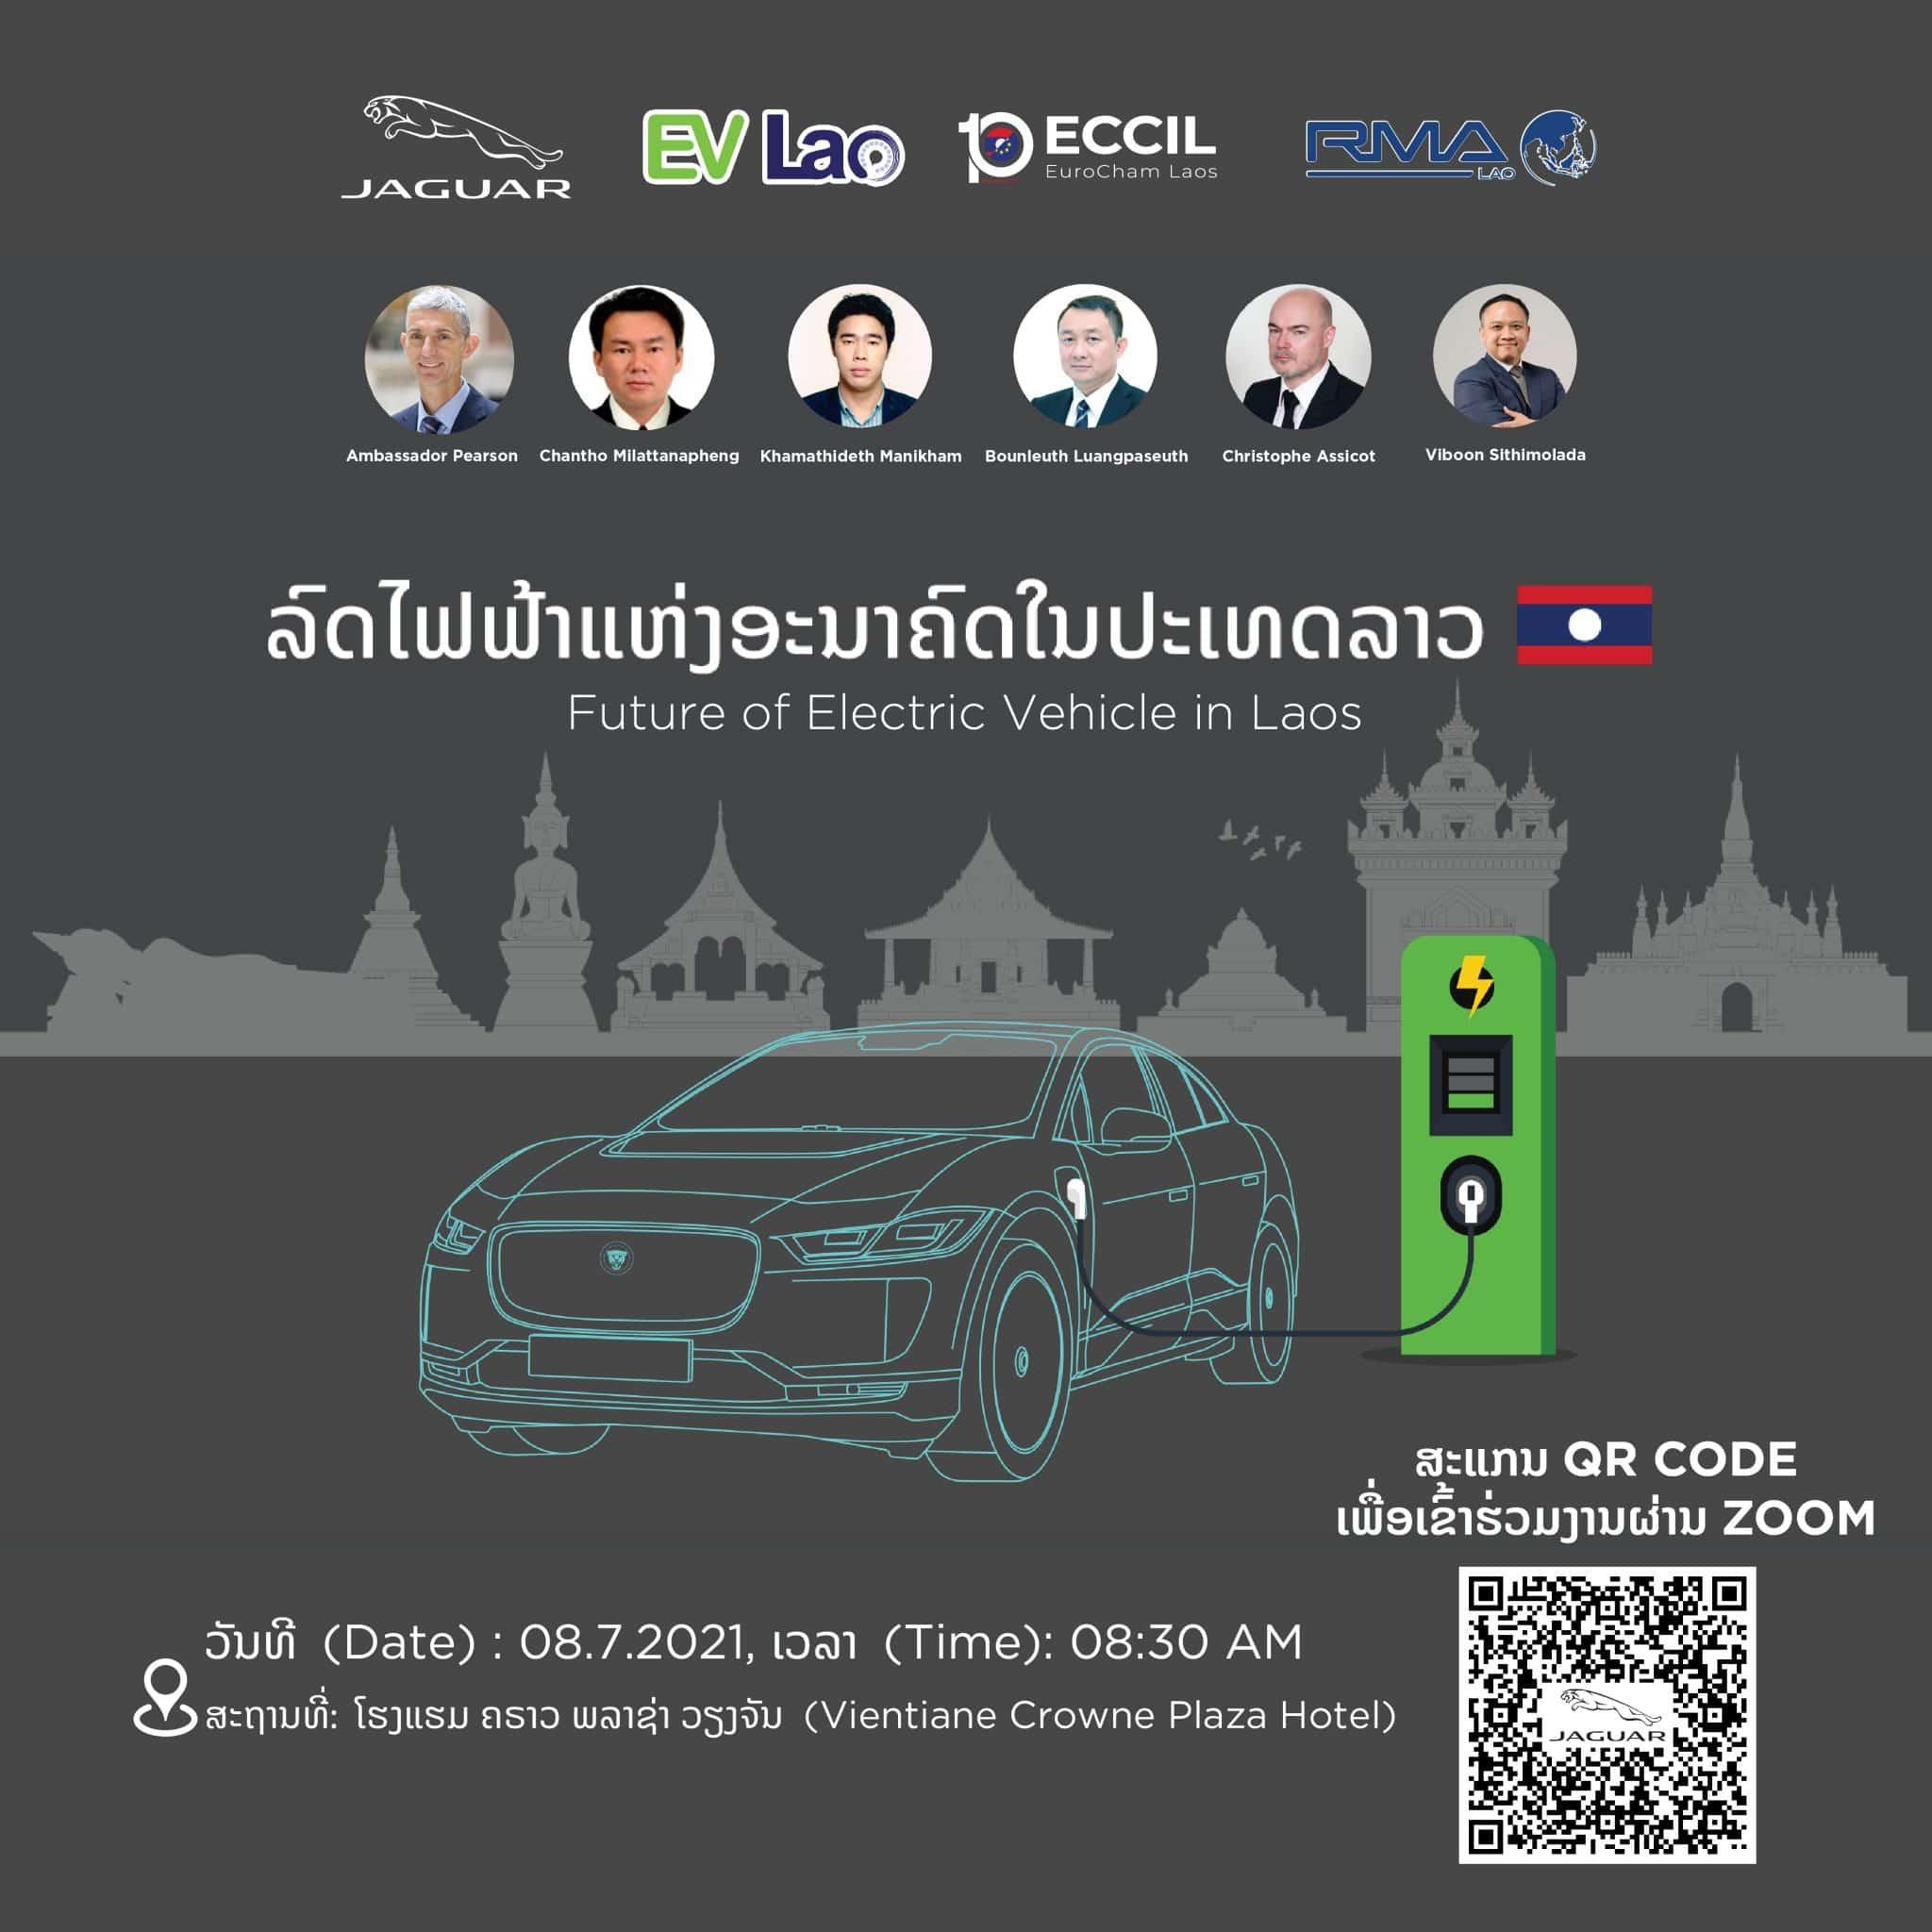 ລົດໄຟຟ້າແຫ່ງອະນາຄົດໃນປະເທດລາວ, ນຳສະເໜີໂດຍ Jaguar Laos, EV Lao, ECCIL ແລະ RMA. - FB EV new scaled - ລົດໄຟຟ້າແຫ່ງອະນາຄົດໃນປະເທດລາວ, ນຳສະເໜີໂດຍ Jaguar Laos, EV Lao, ECCIL ແລະ RMA.